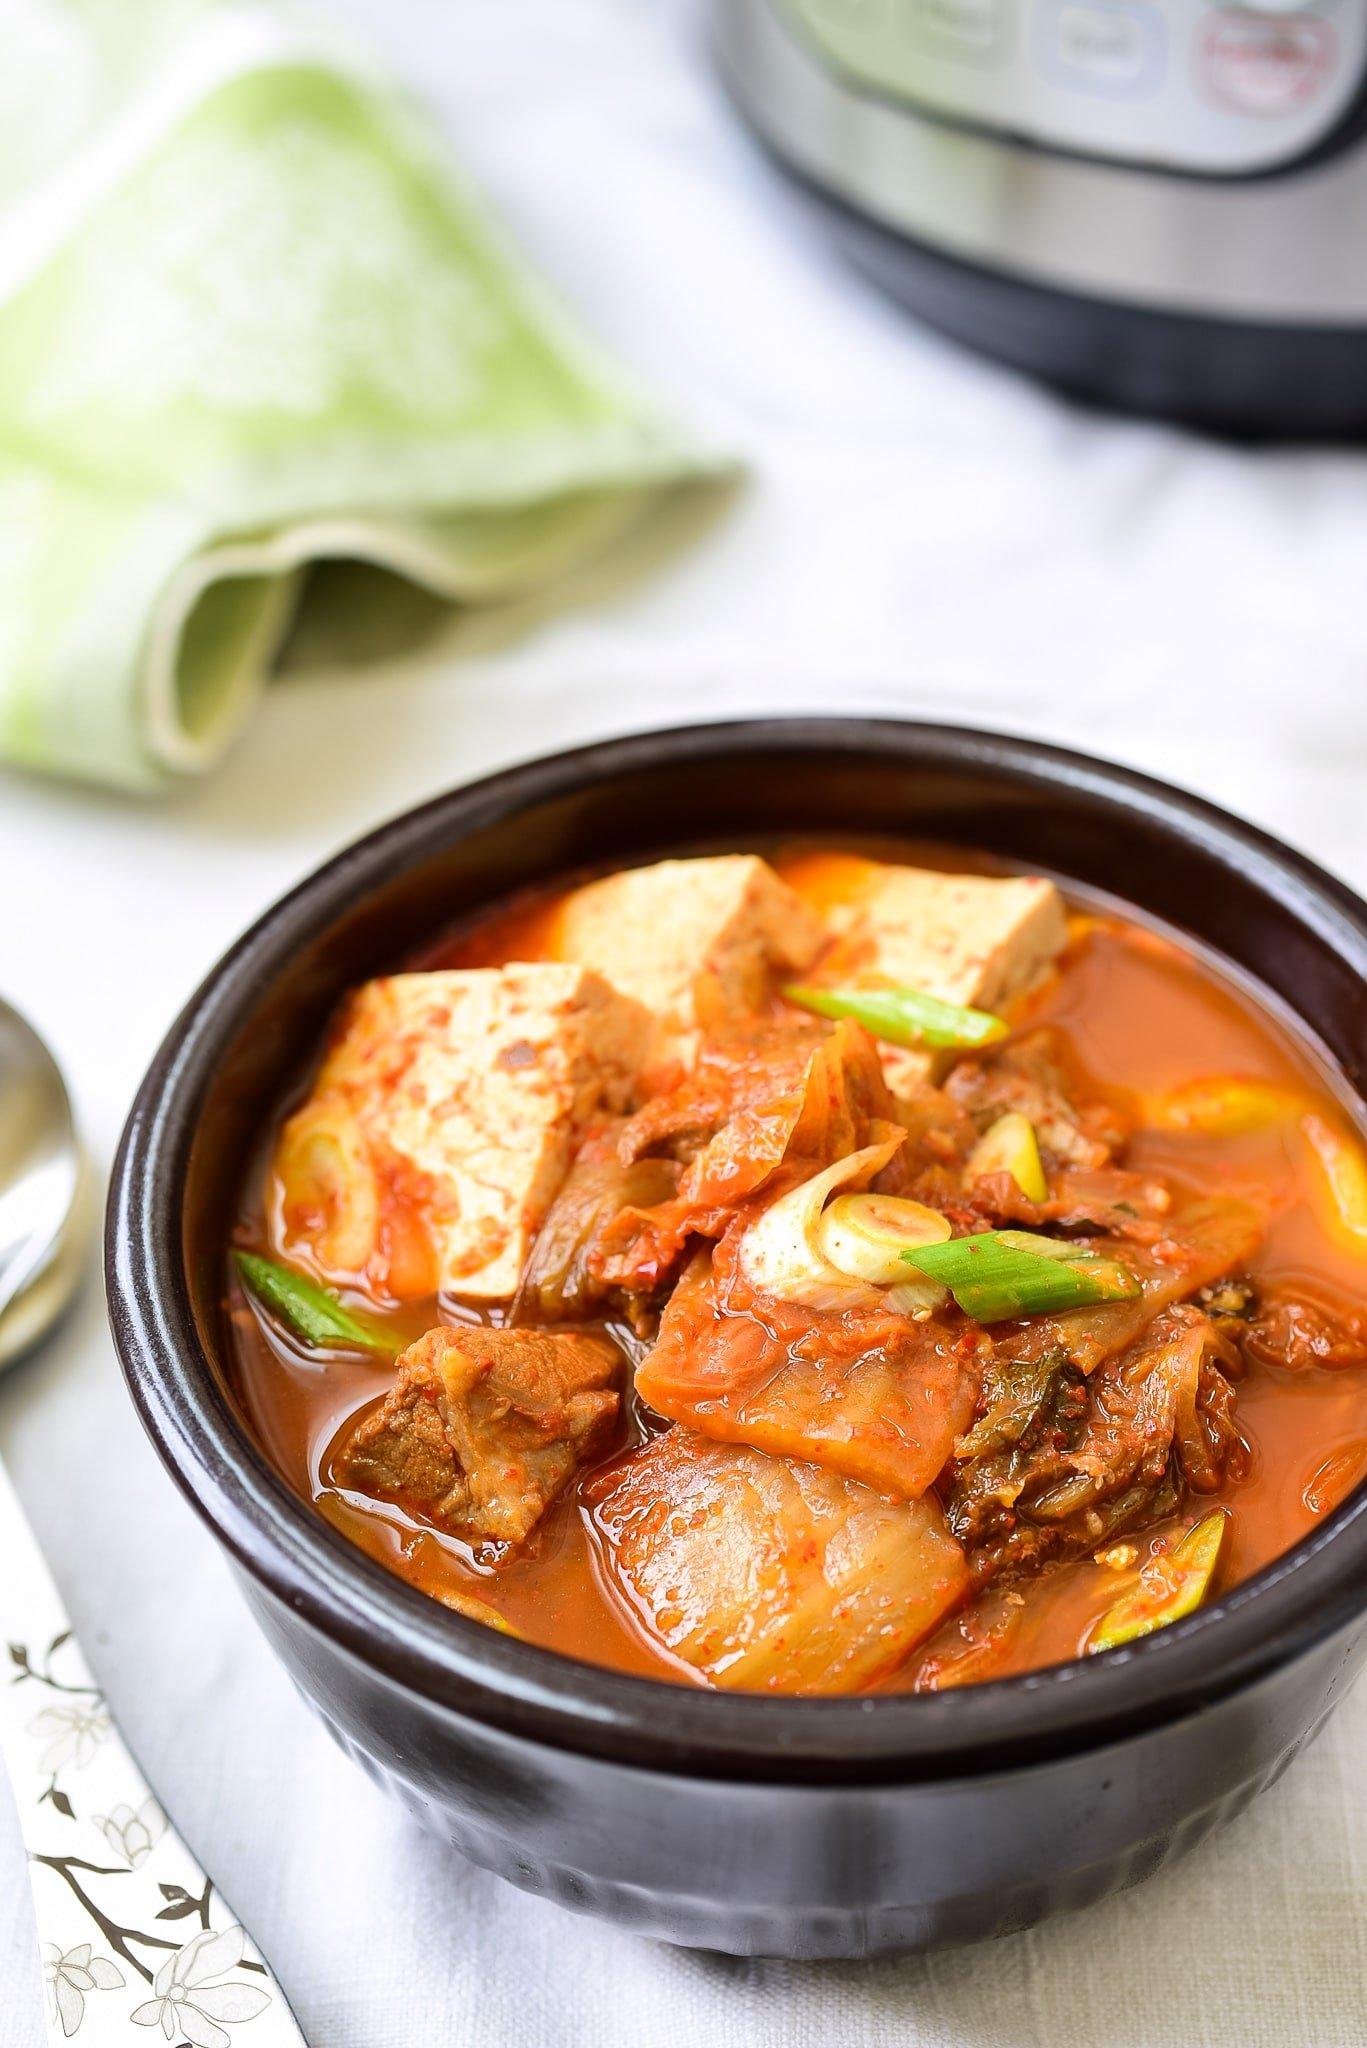 DSC 1980 1 - Instant Pot Kimchi Jjigae (Stew)